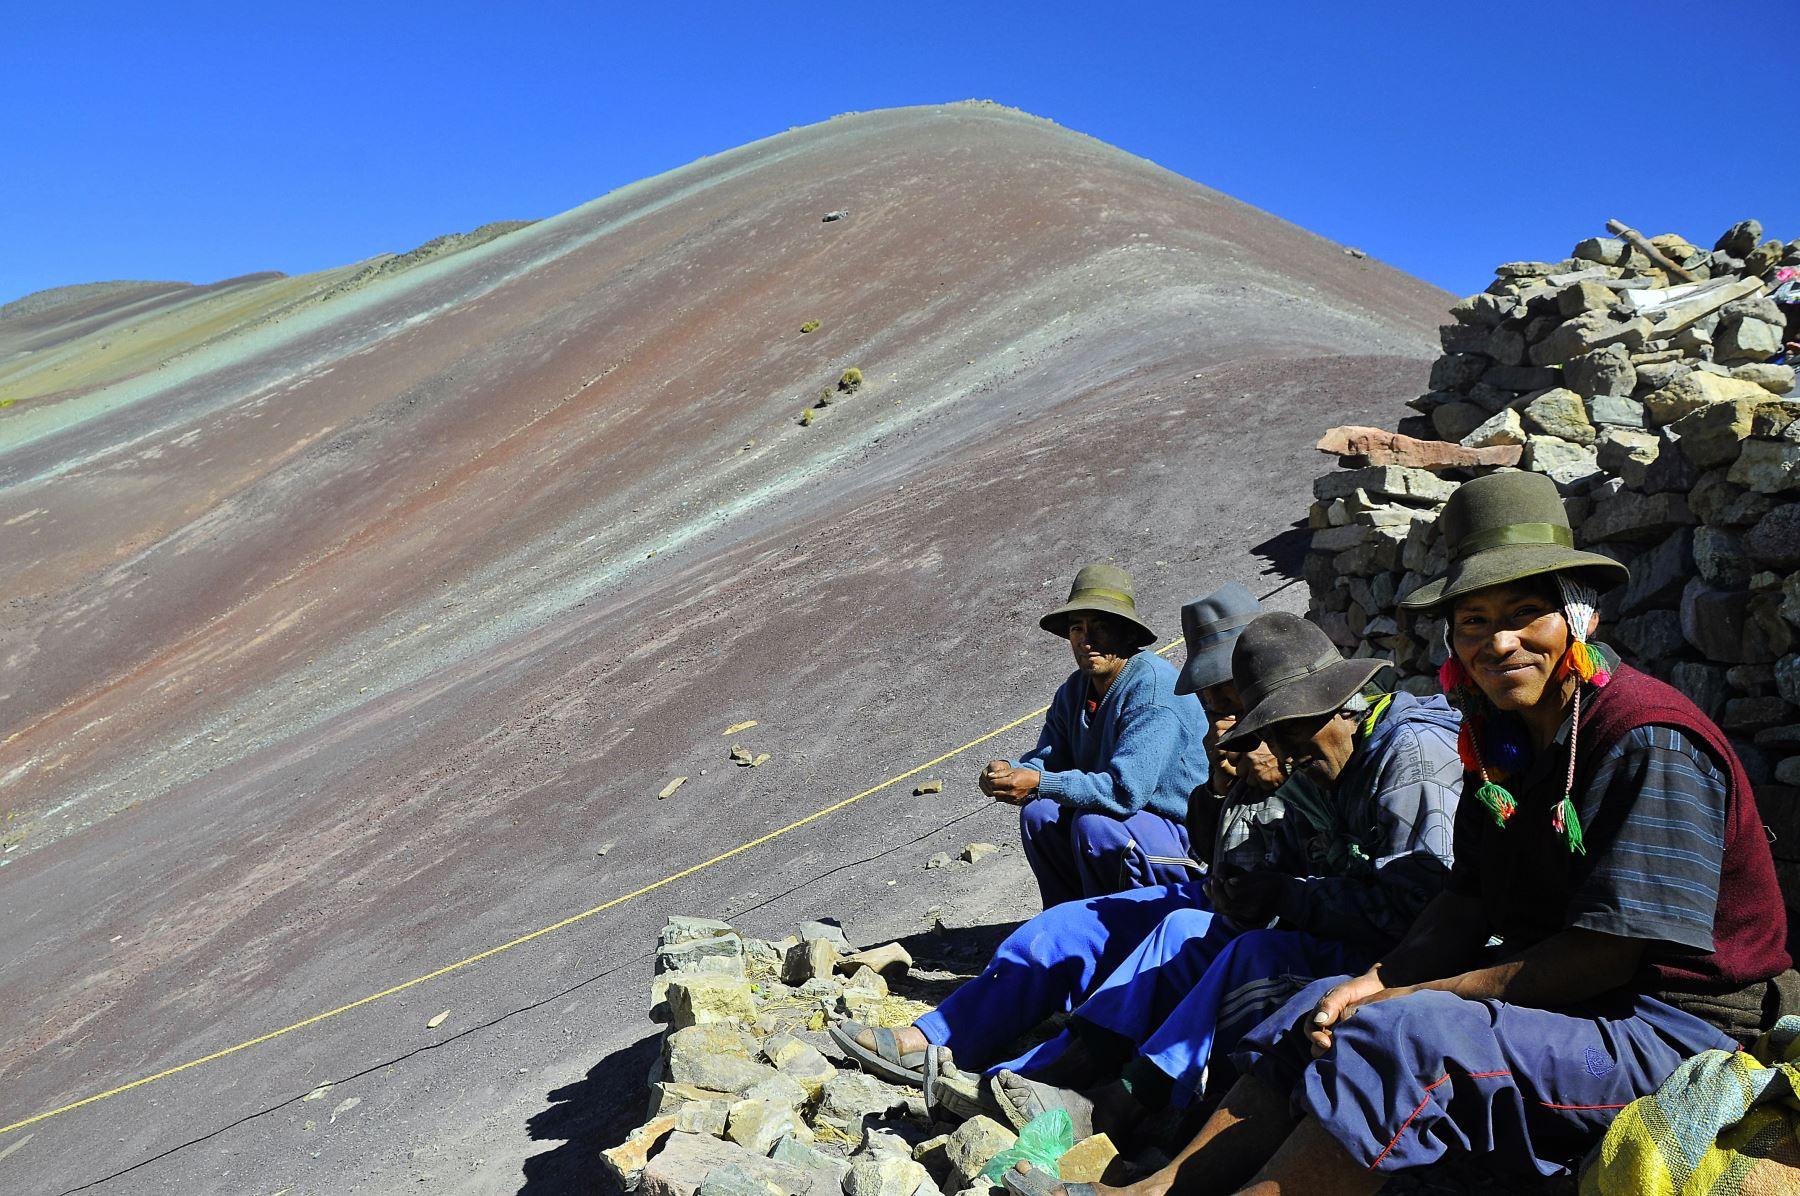 Las concesiones mineras otorgadas de manera inconsulta en Pitumarca deben declarase nulas